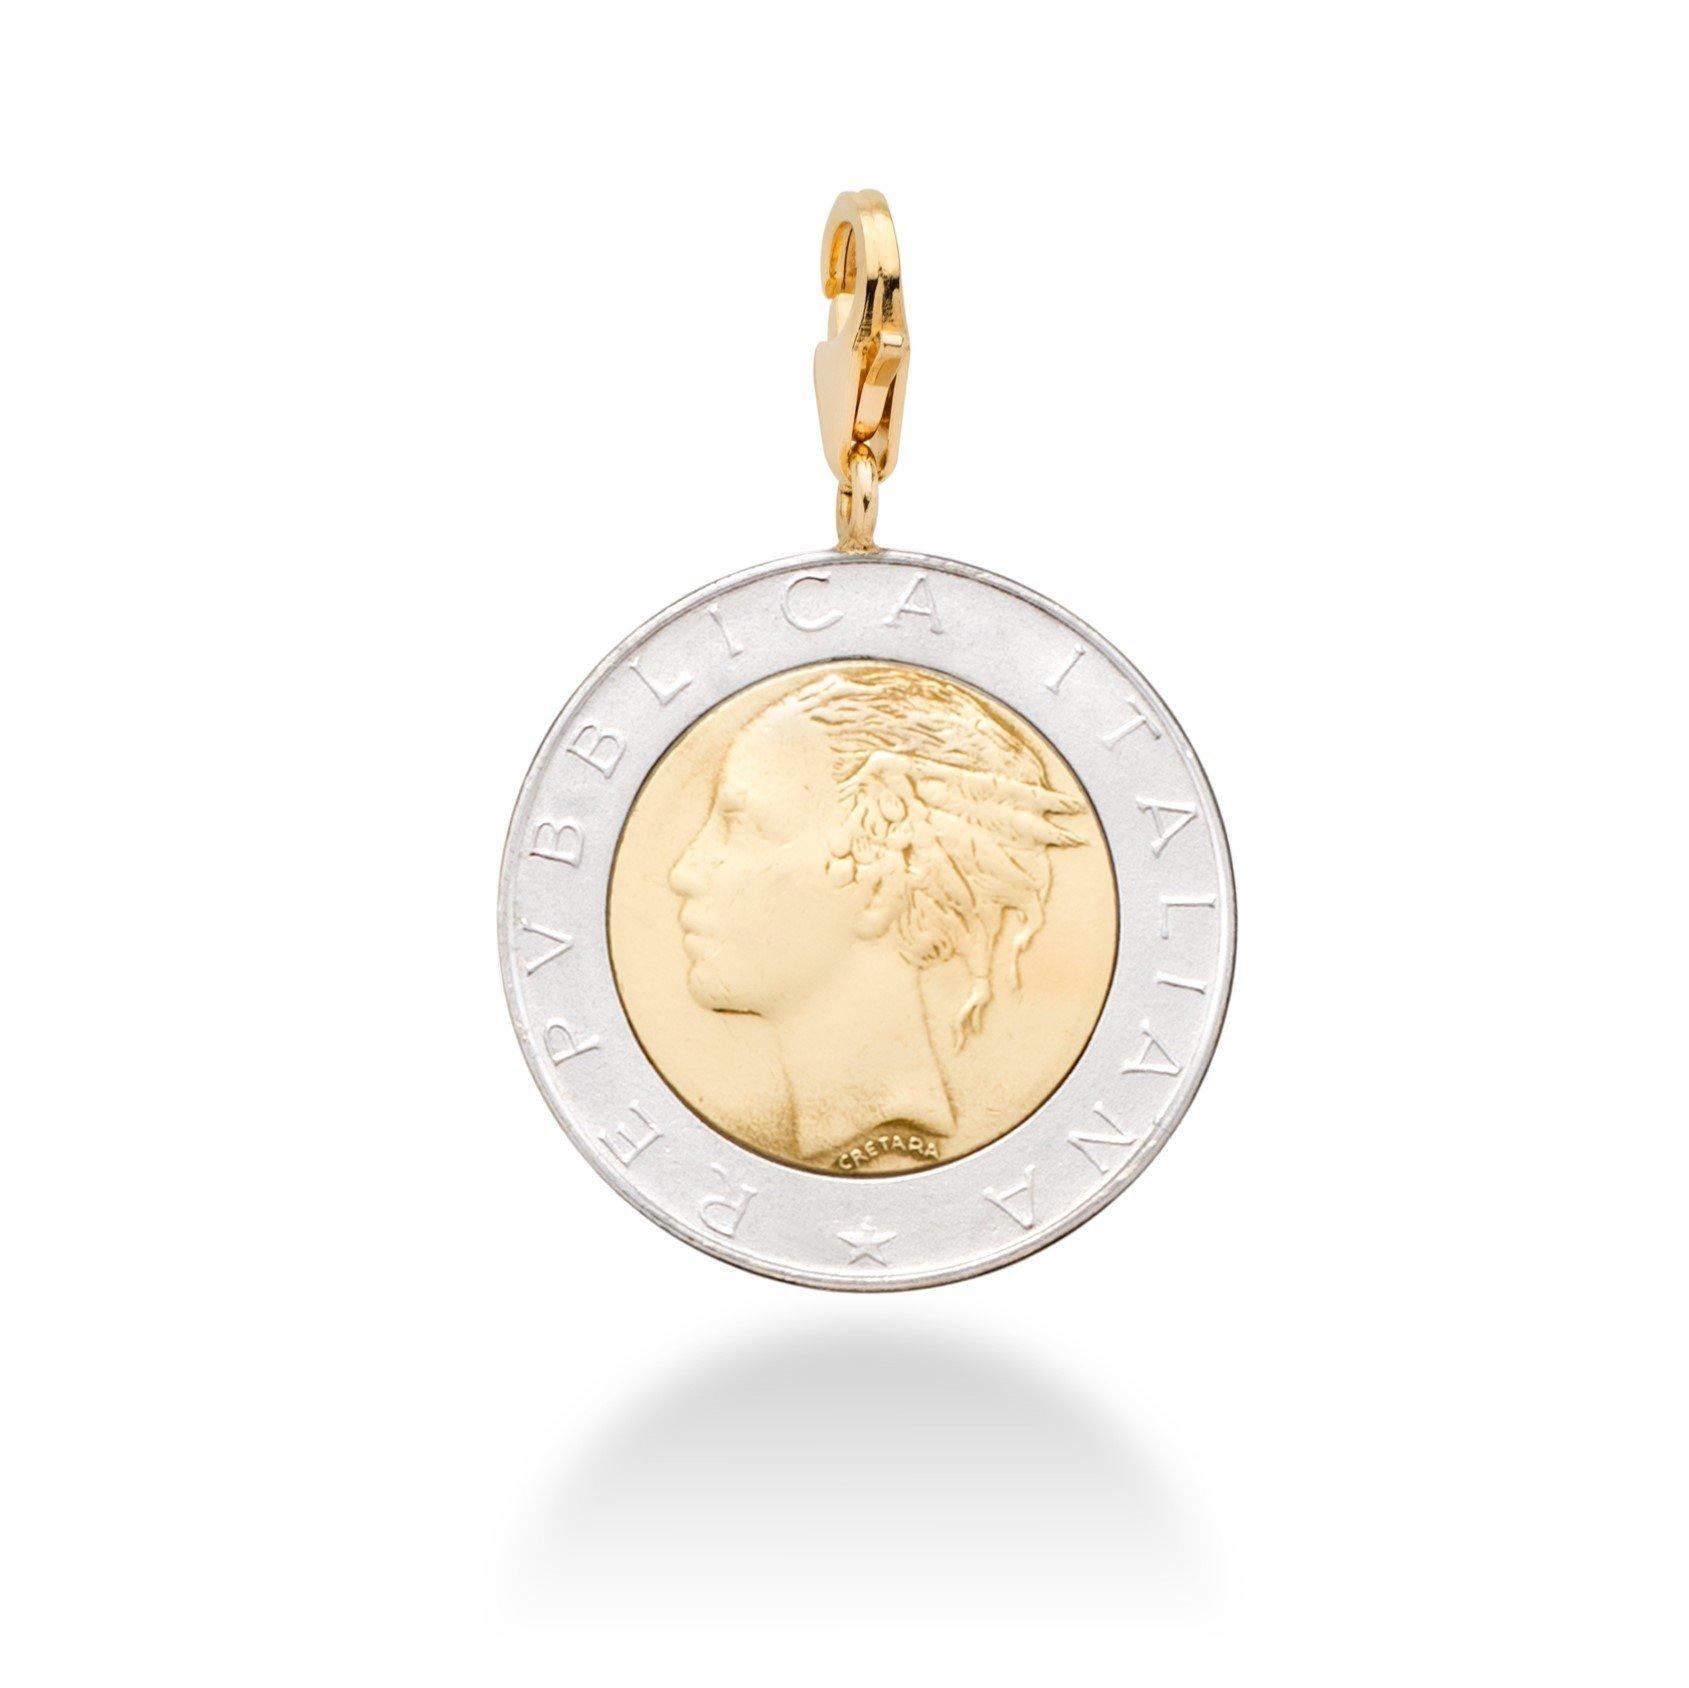 MiaBella Genuine Italian 500 Lira Coin Charm in I8K Gold Over Sterling Silver by MiaBella (Image #1)